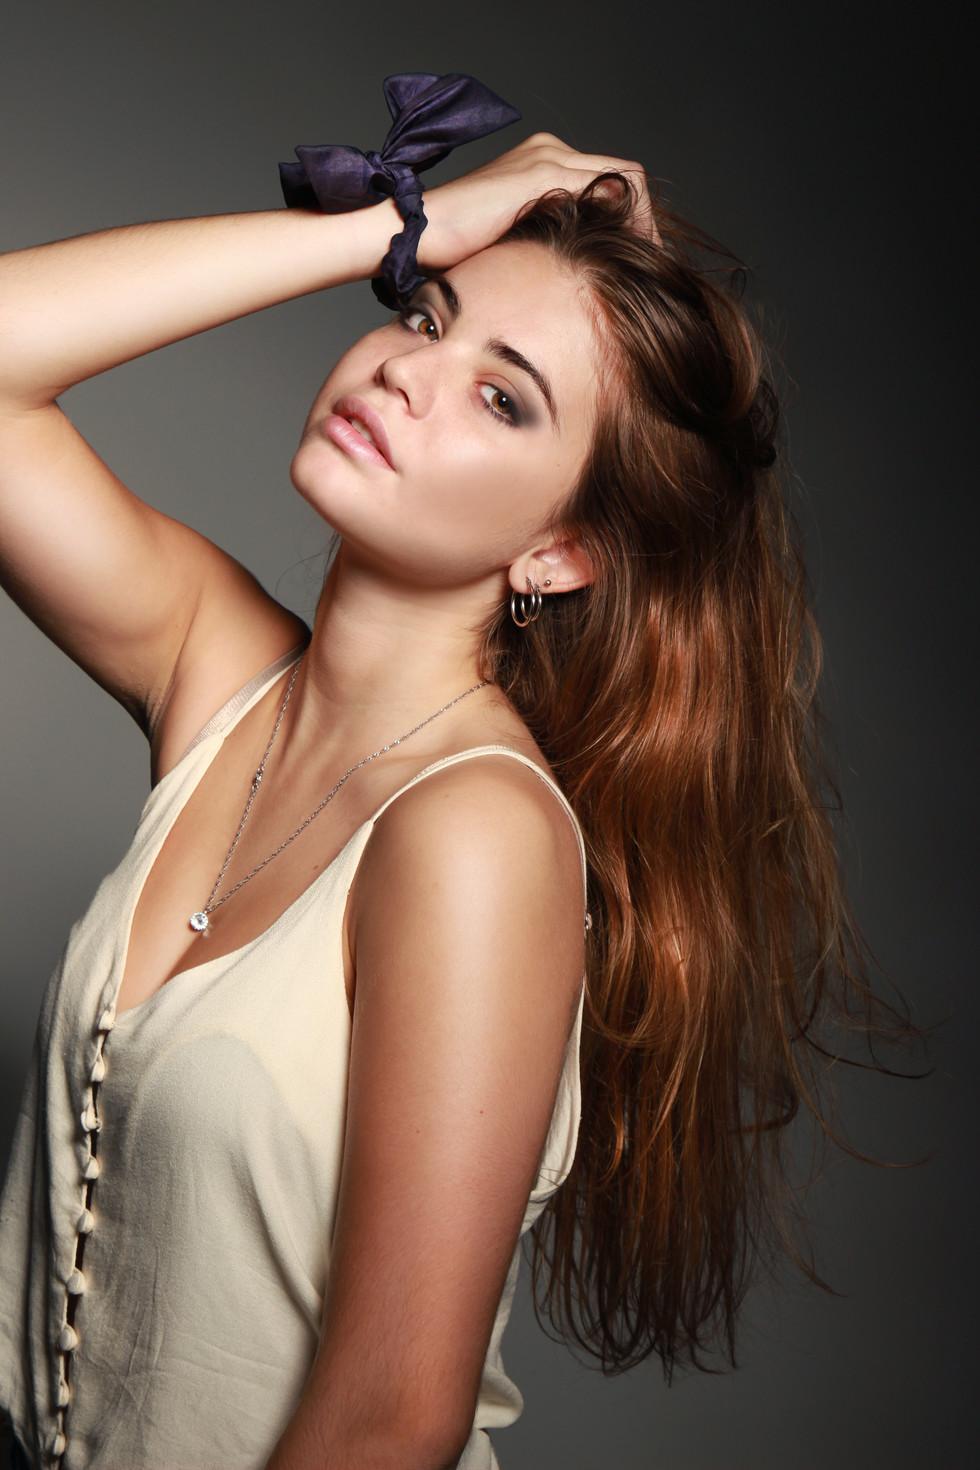 Alexa_moño__makeup_WEB.jpg